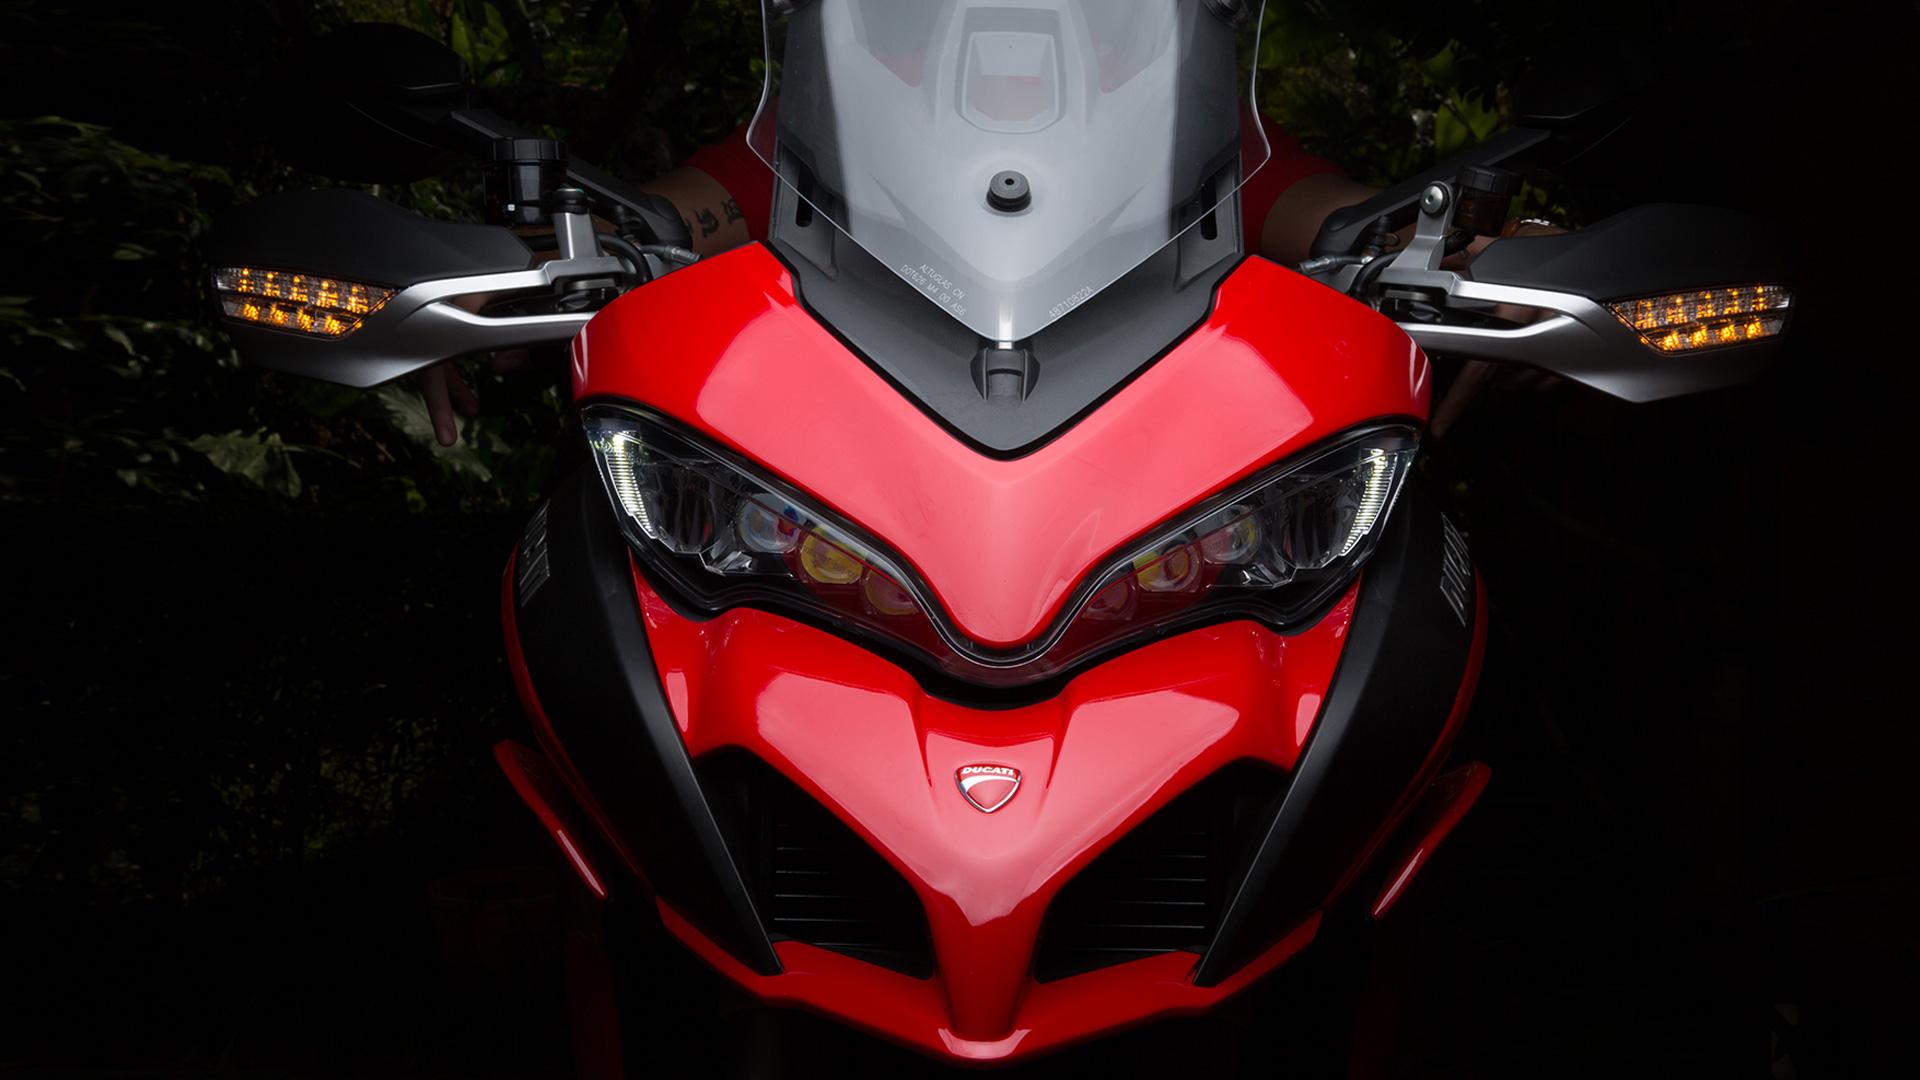 Ducati Multistrada 1200 2016 S